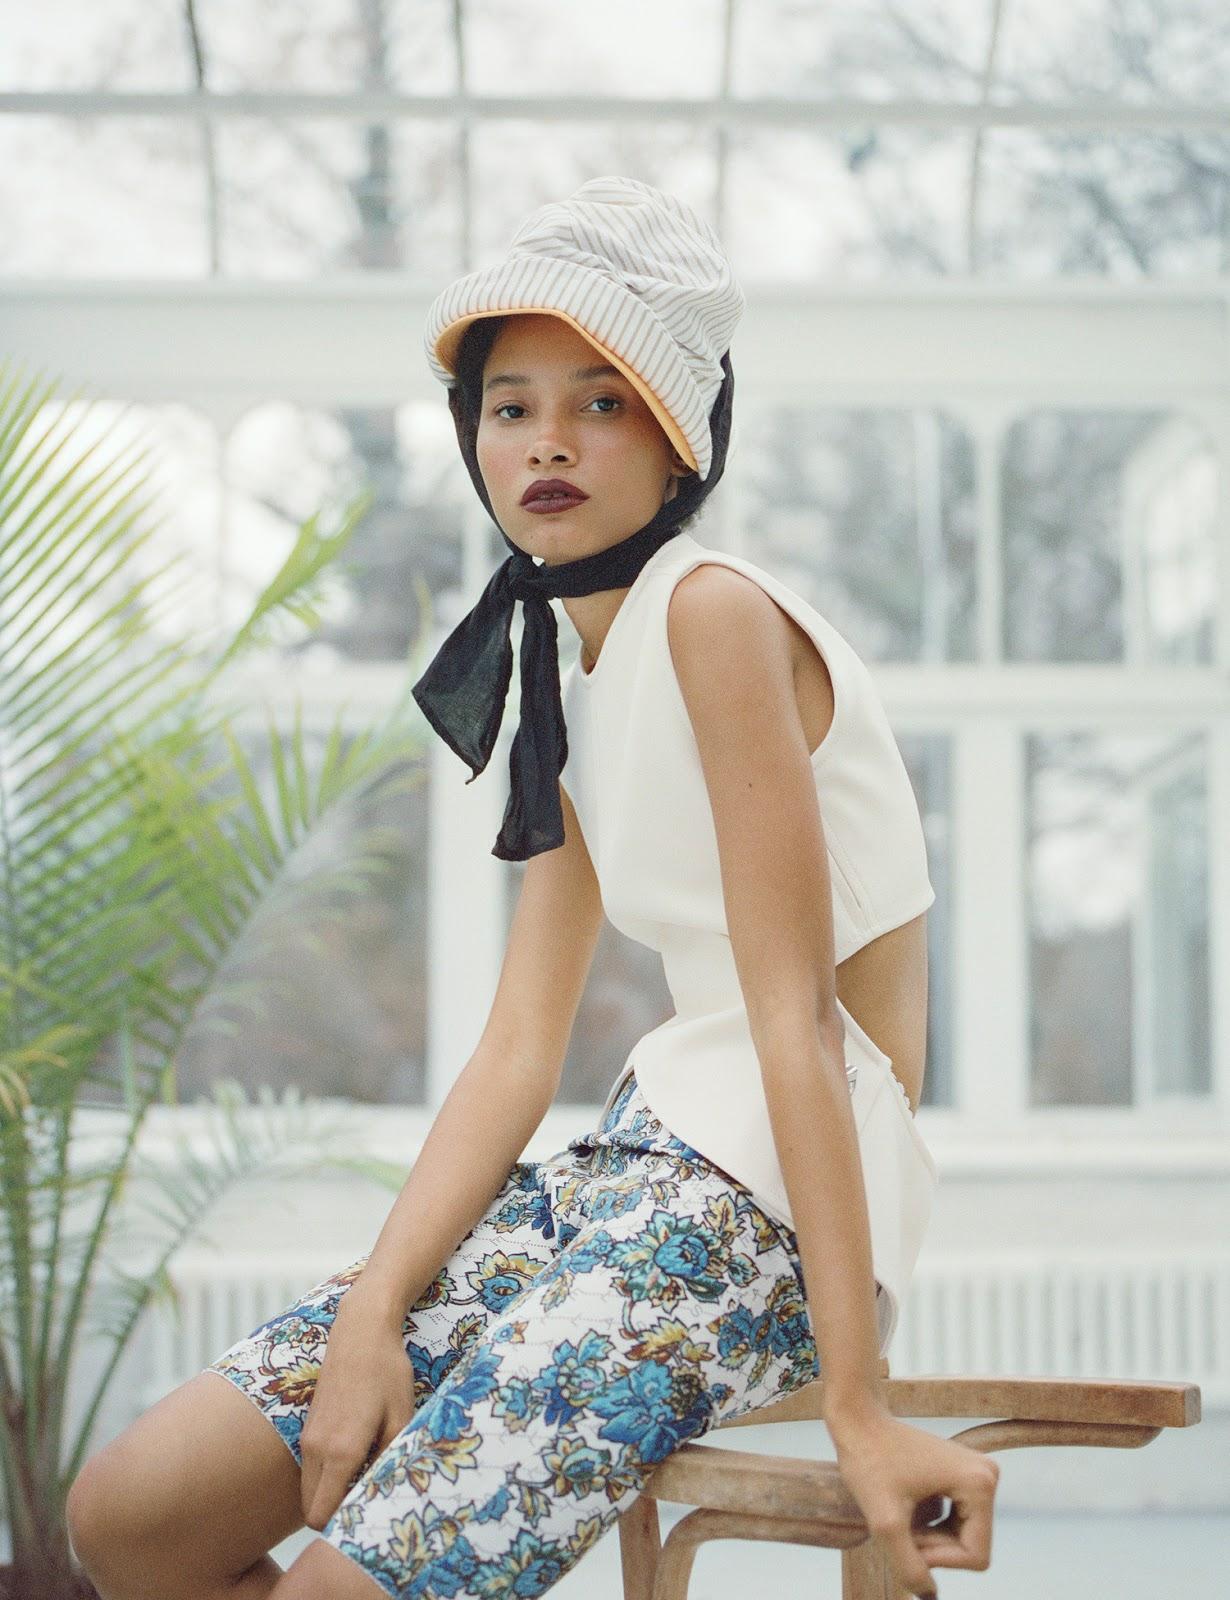 Lineisy Montero by Stas Komarovski for Vogue Mexico Feb 2019 (7).jpg